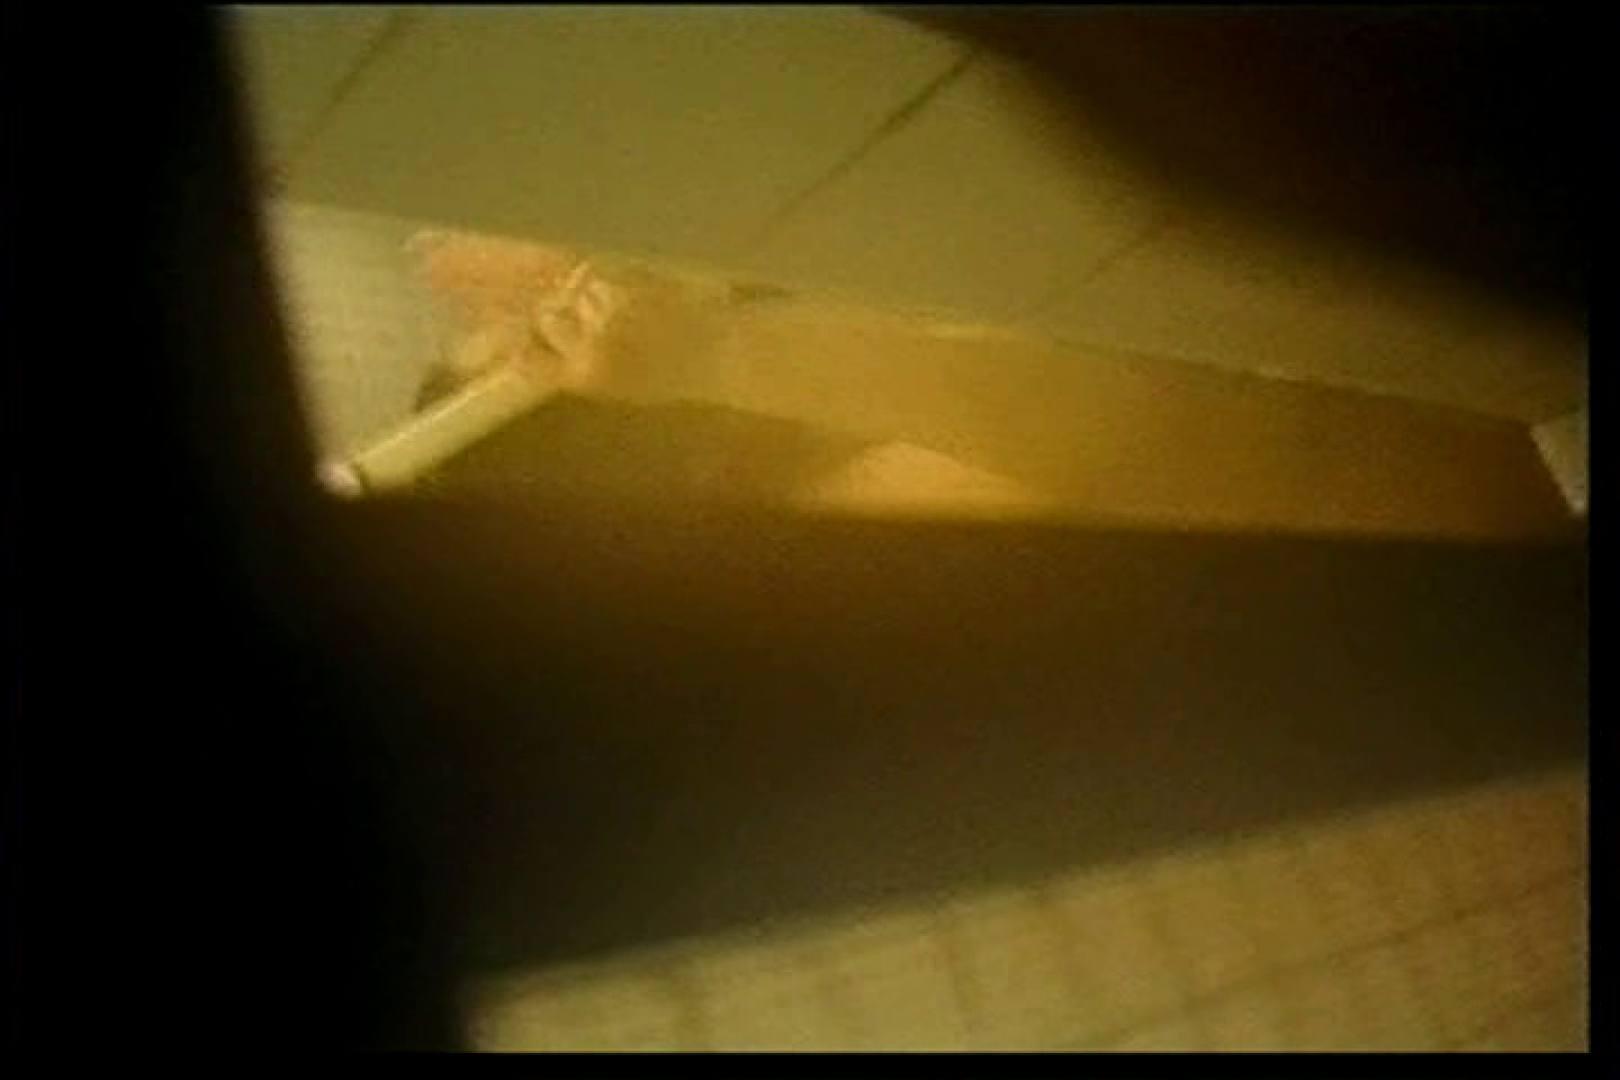 バレまくり!! 絶叫民家女風呂盗撮Vol.3 民家でお風呂 SEX無修正画像 64連発 54